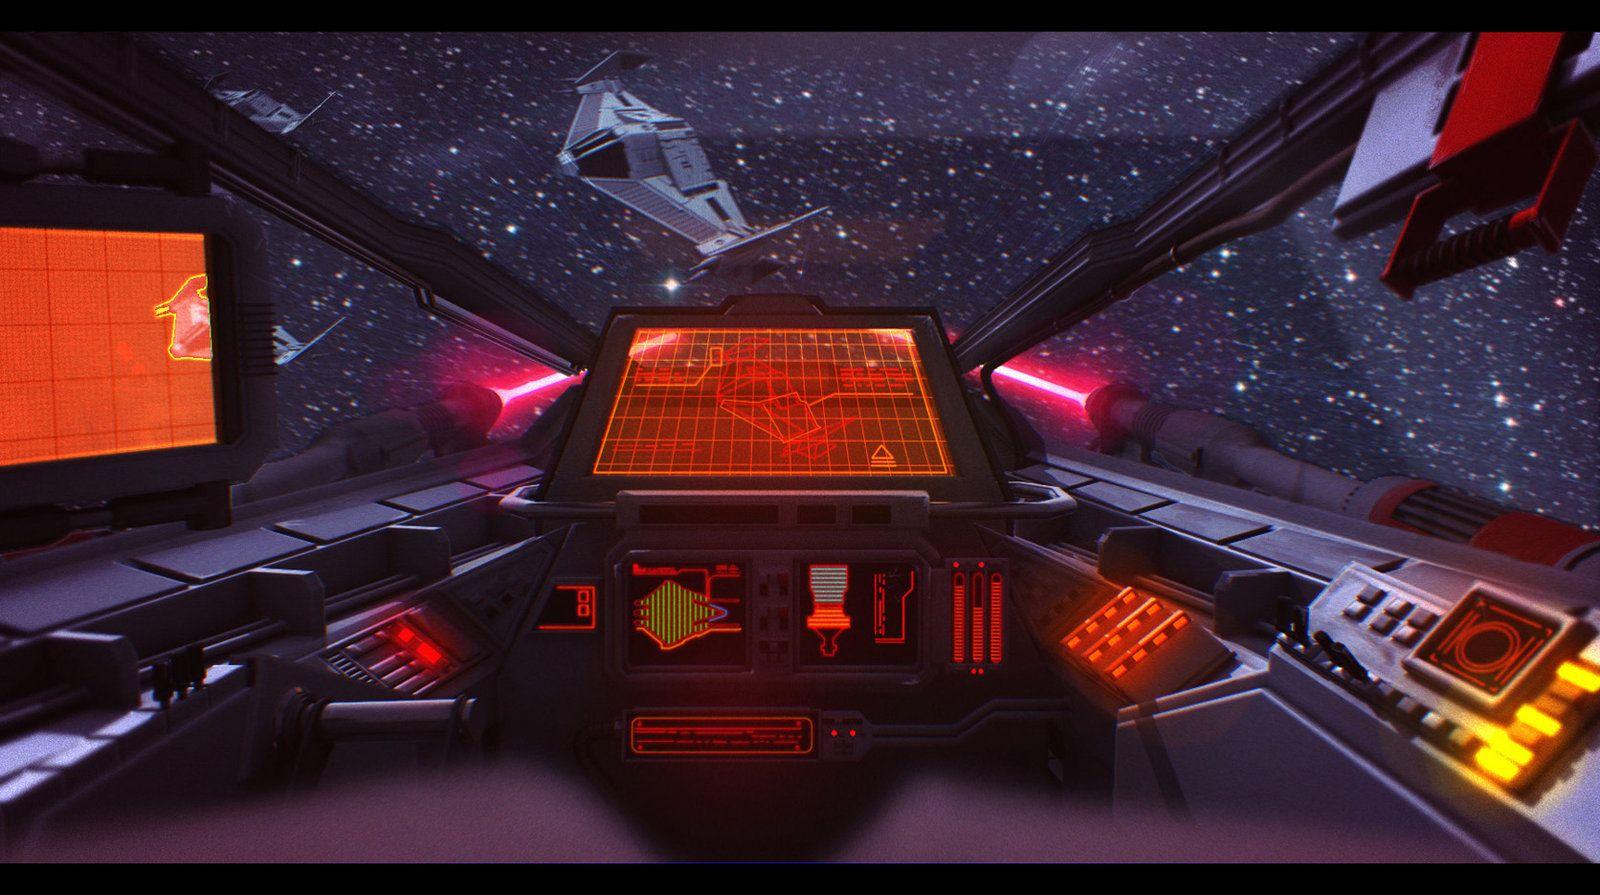 Incom T 20 H Wing Cockpit Cockpit Star Wars Illustration Spaceship Design